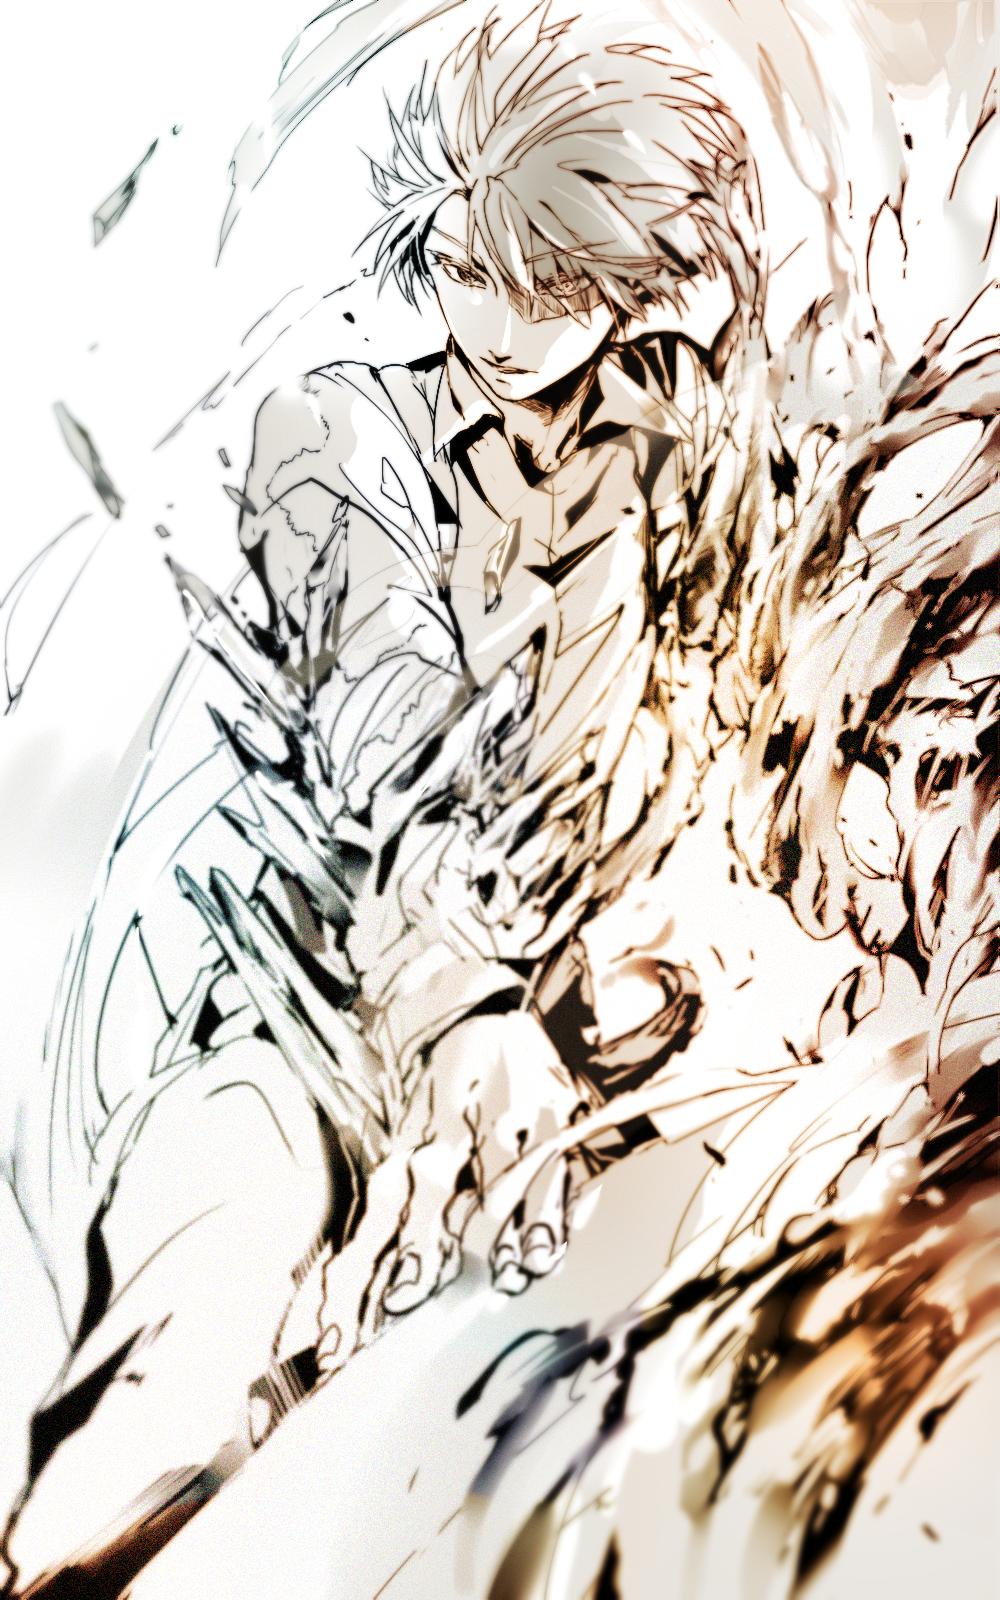 Boku no Hero Academia || Shouto Todoroki